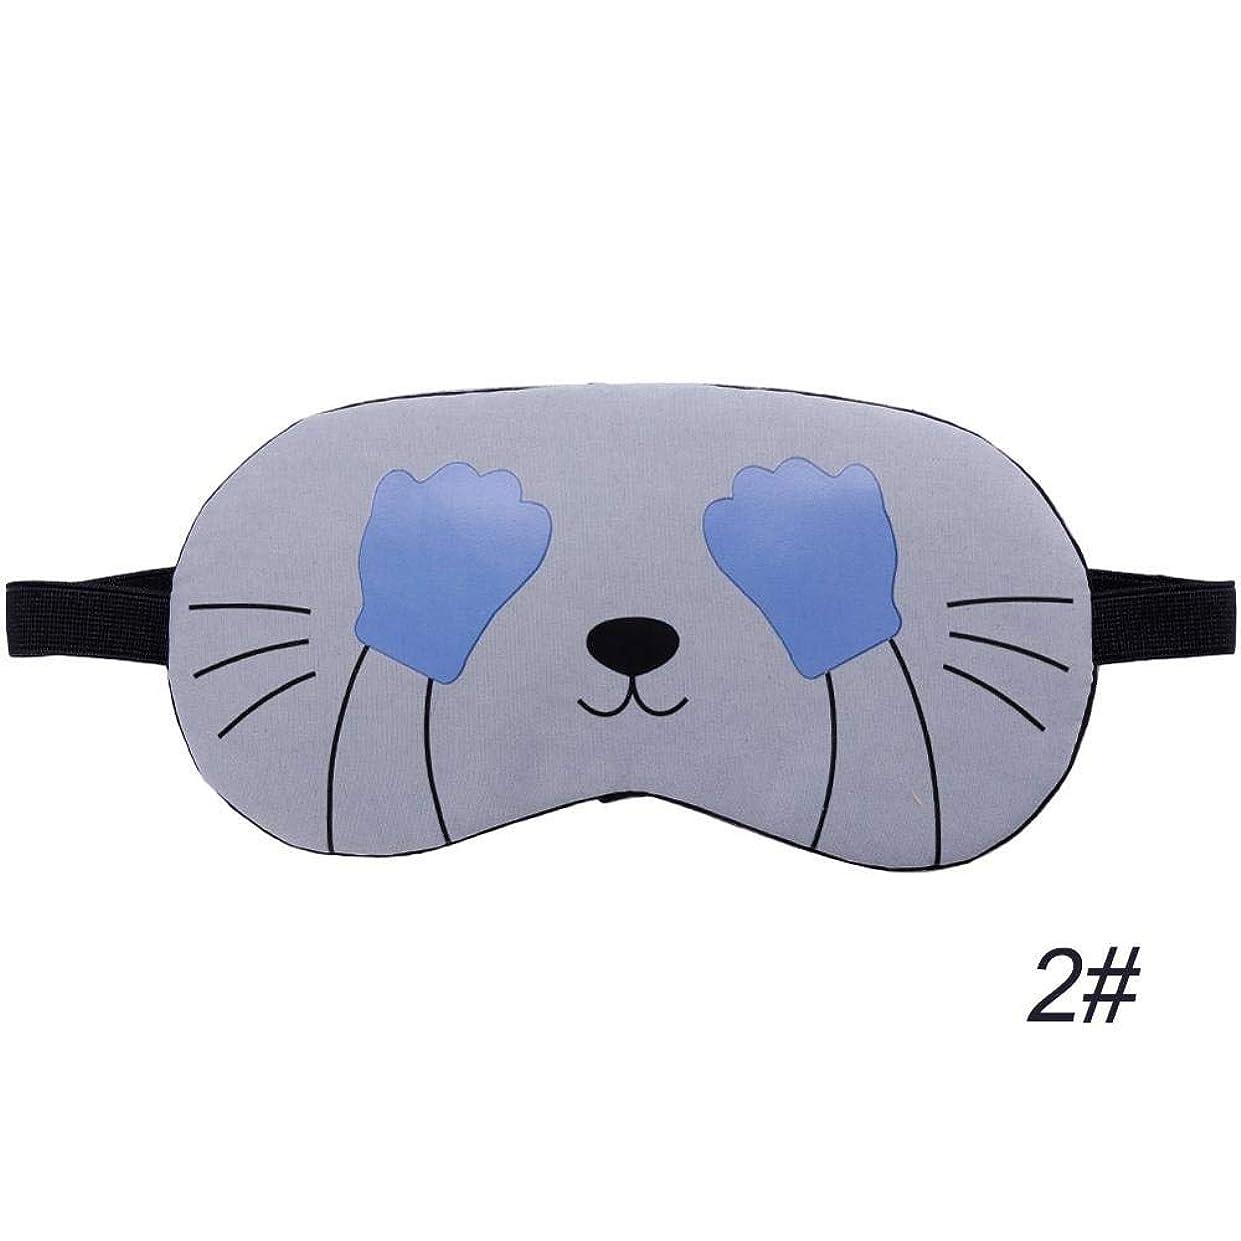 罰する値下に向けますNOTE 1ピース睡眠アイマスクコットンソフト睡眠援助旅行残りアイシェードカバー目隠しユニセックス女性男性13スタイル眼鏡#280205